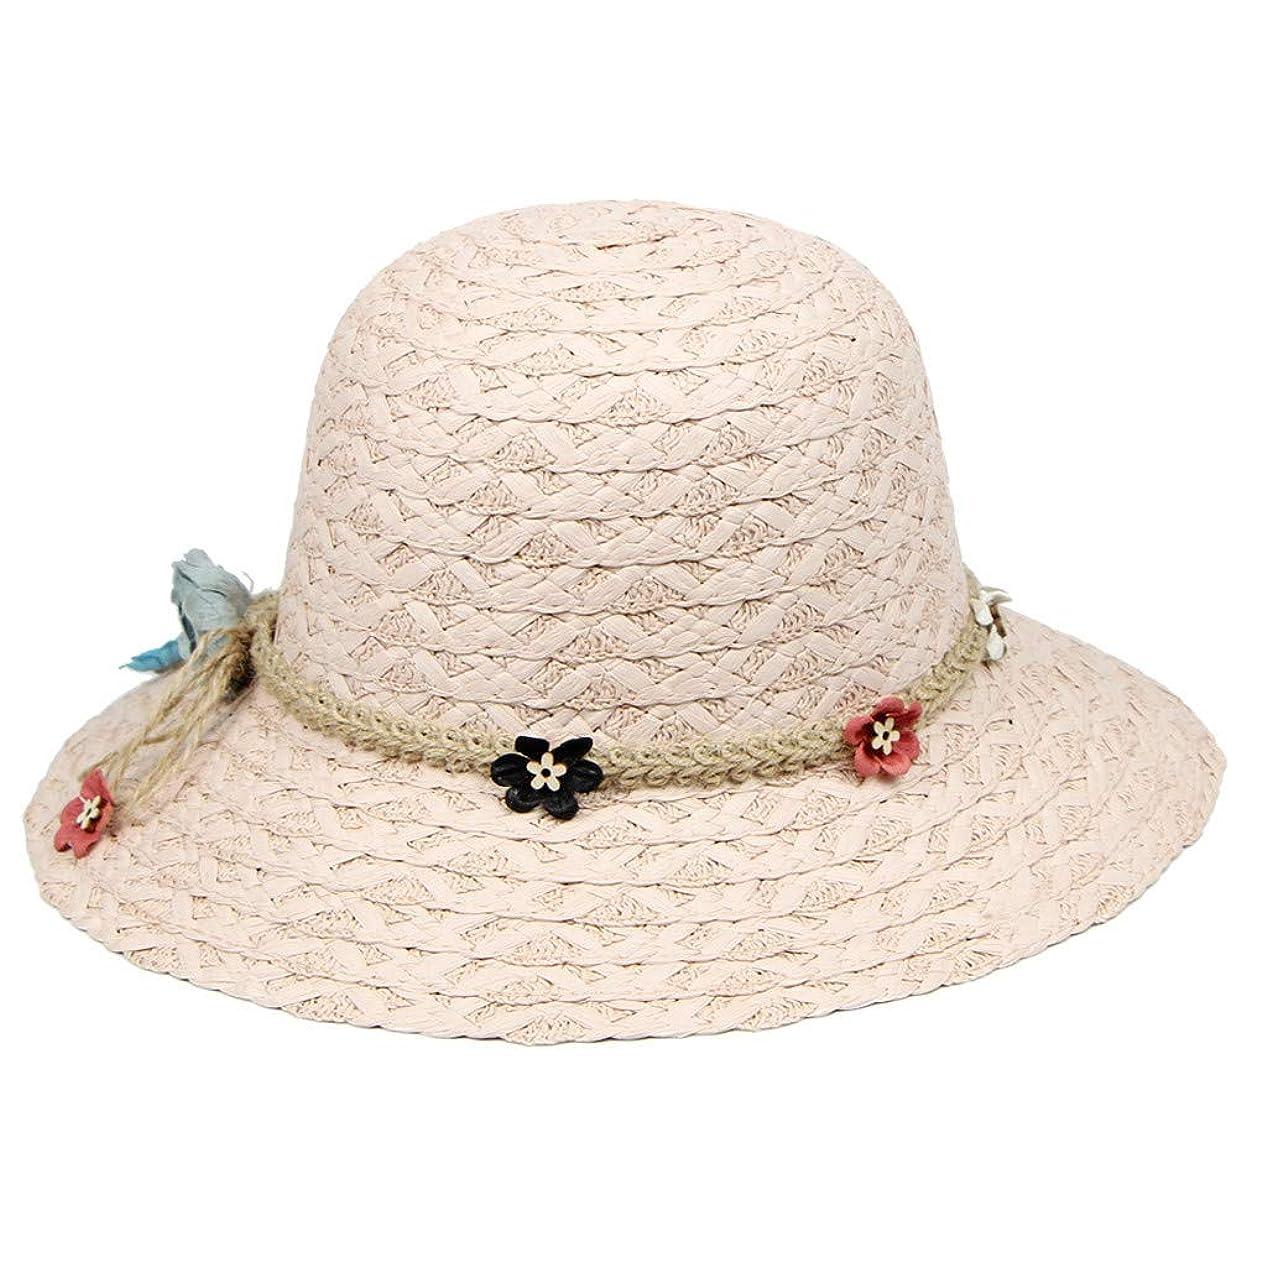 割合あいまいレディース 夏 ハット UVカット 帽子 レディース ビーチ 海辺 森ガール 女優帽 日よけ 紫外線対策 日焼け防止 旅行用 日よけ 夏季 小顔効果抜群 レース 麻ロープ 小さな花 つば広 可愛い ハット 発送 ROSE ROMAN